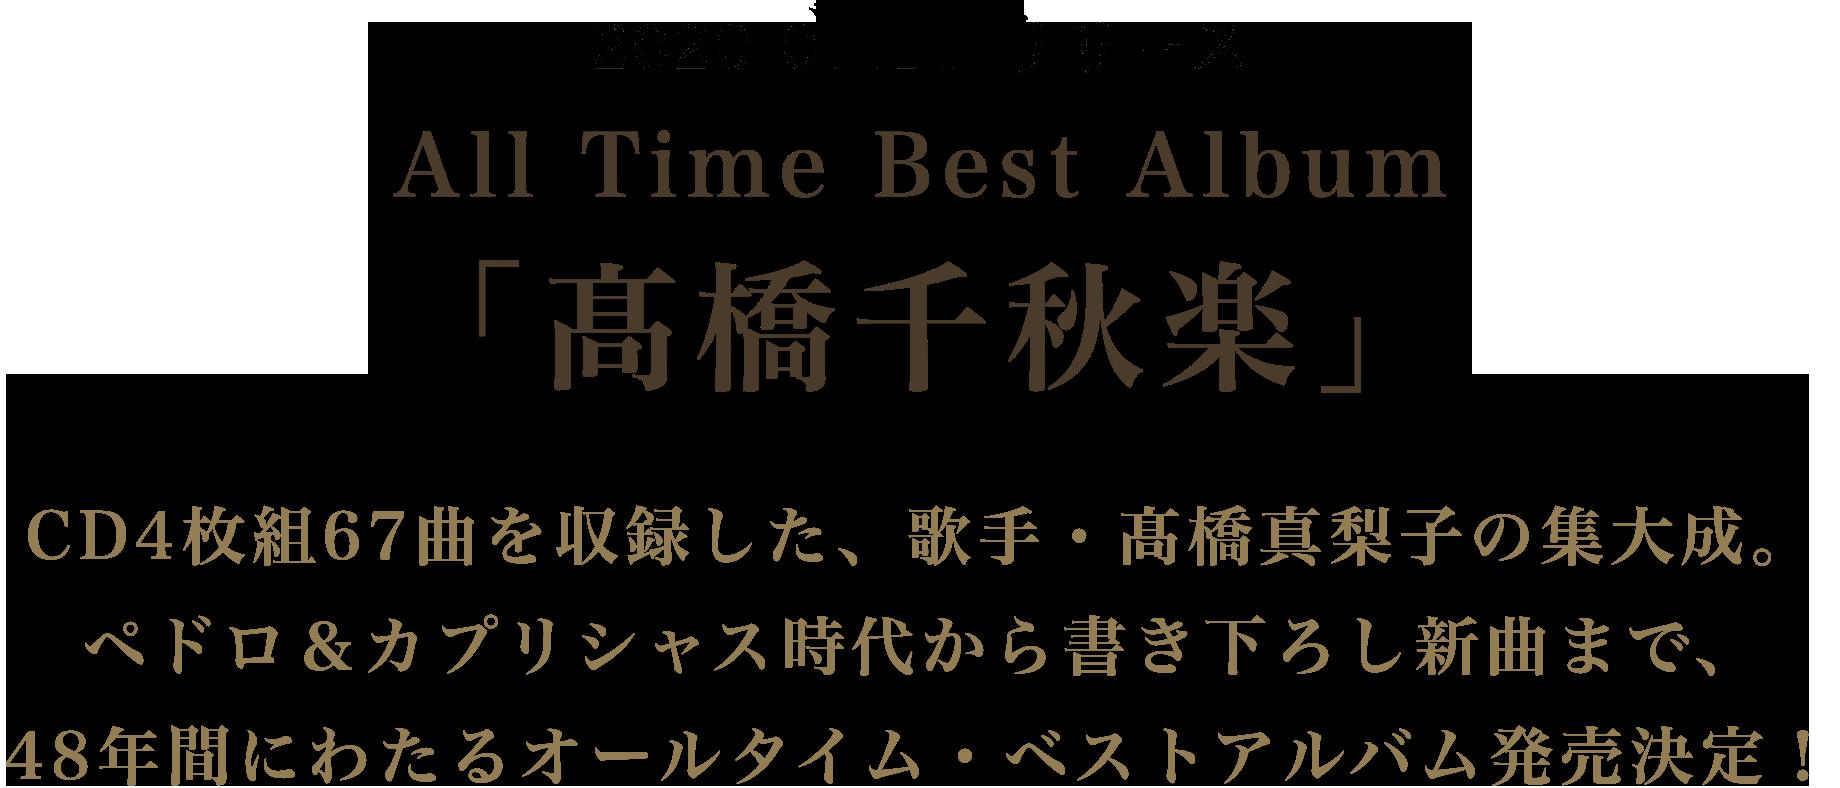 発売中 All Time Best Album「高橋千秋楽」